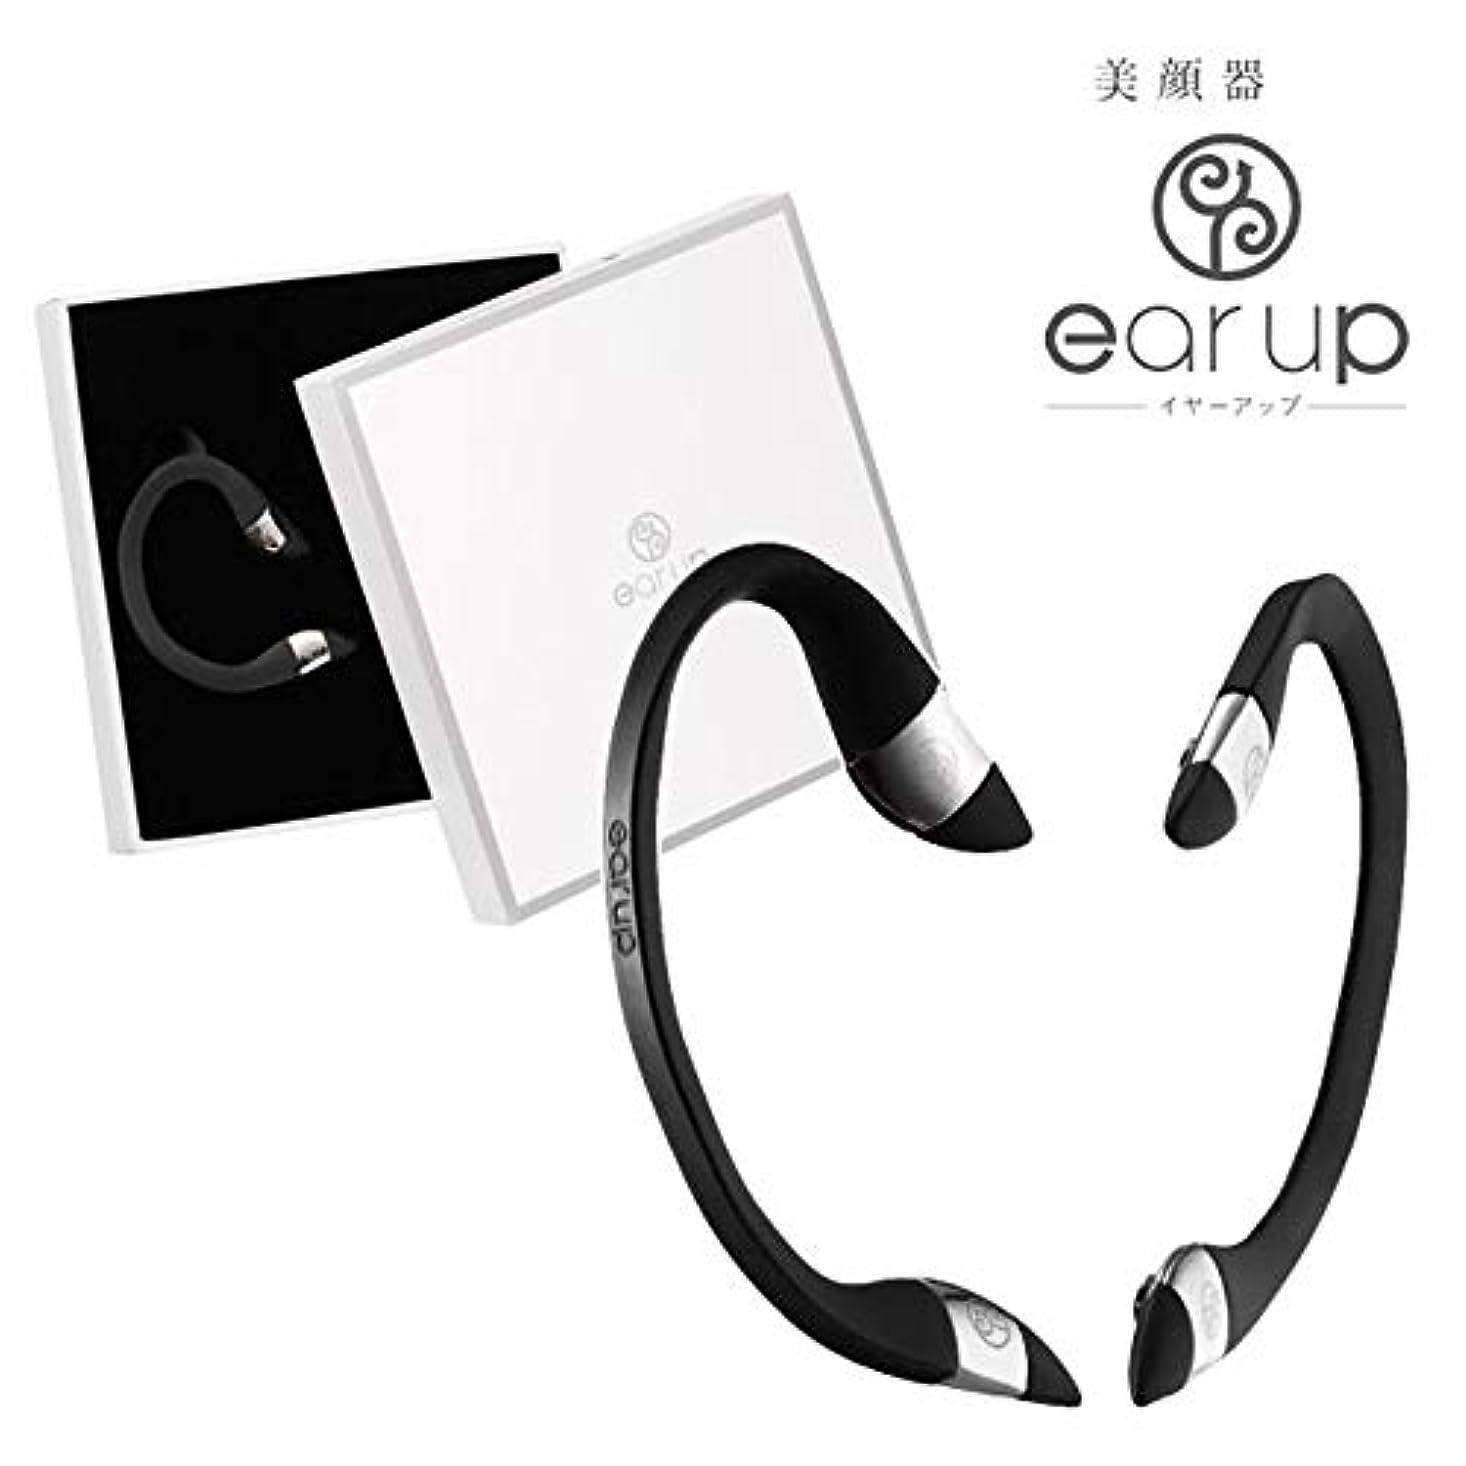 水素申し込む検索エンジン最適化エイベックスビューティーメソッド ear up(イヤーアップ)